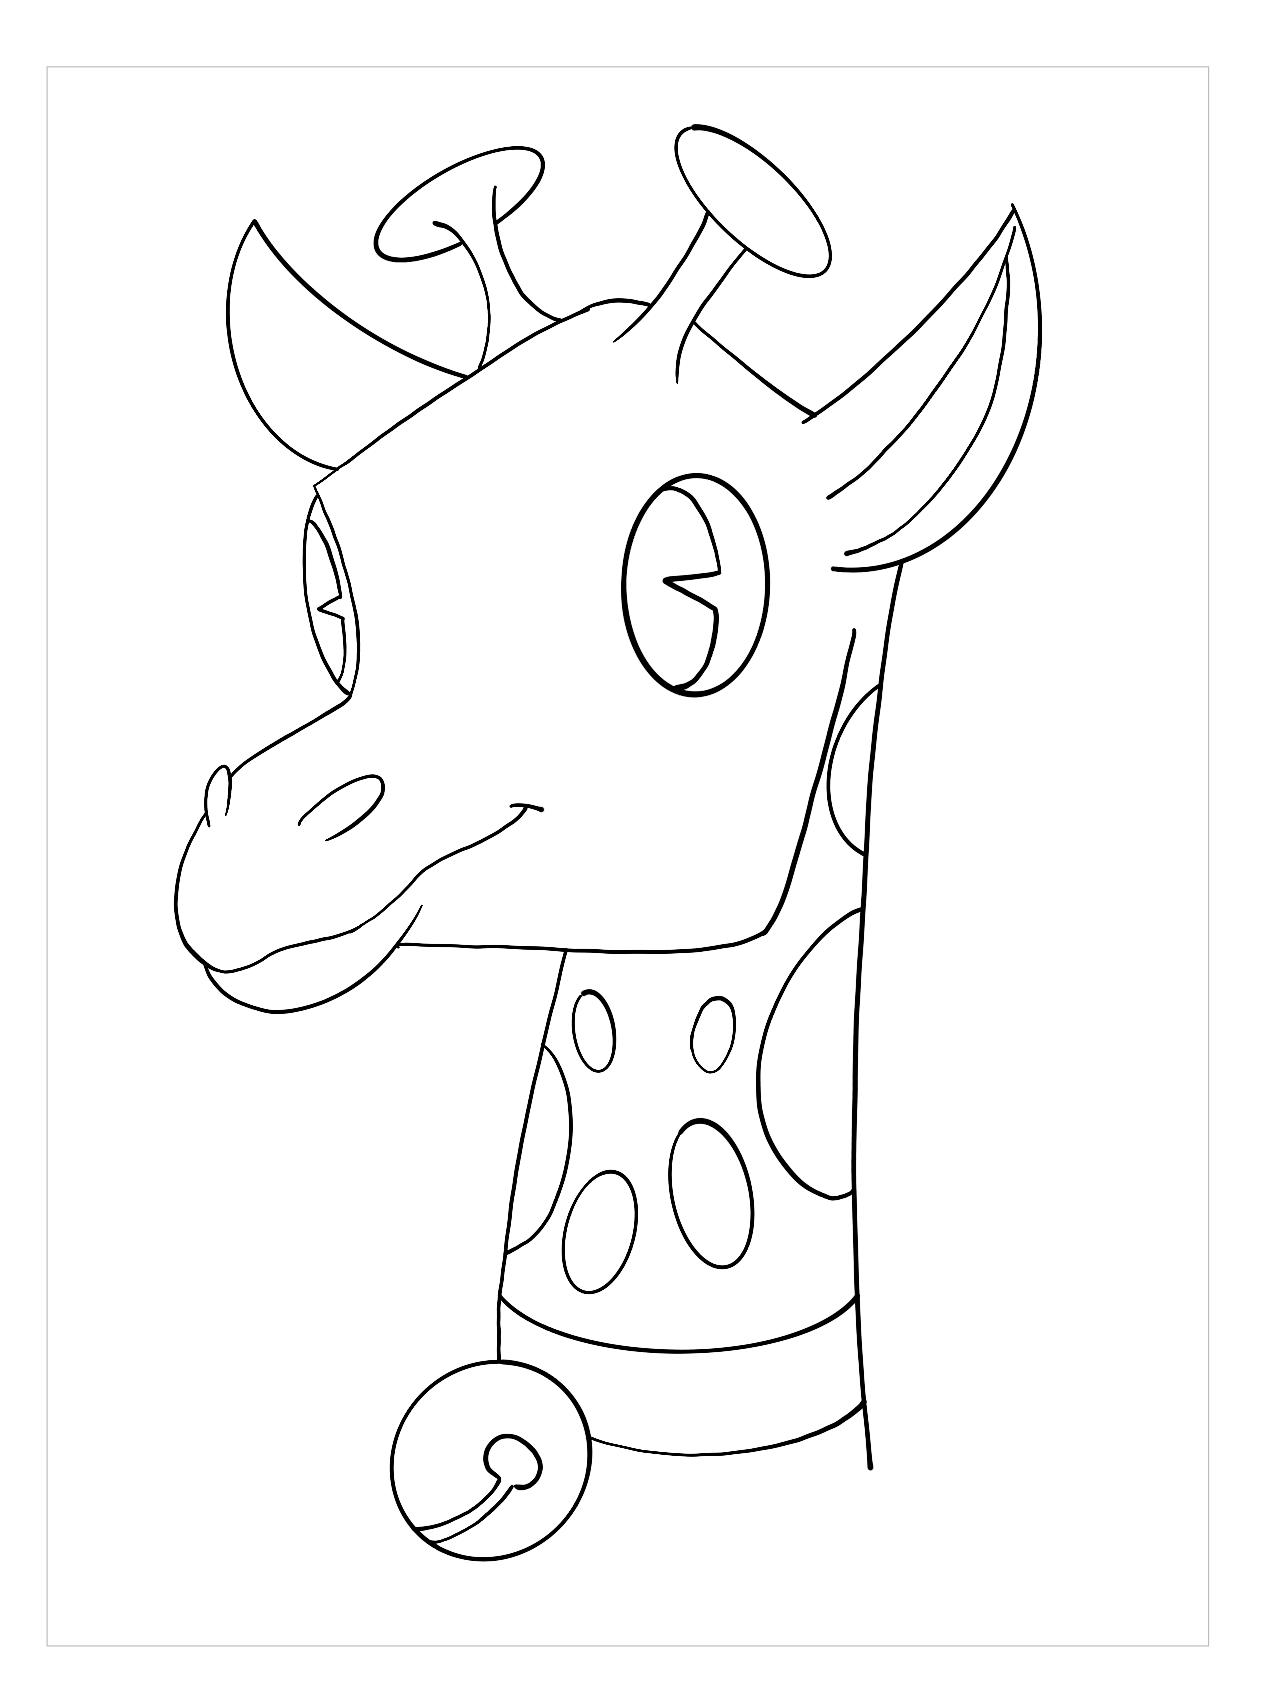 Tranh tô màu hình đầu hươu cao cổ